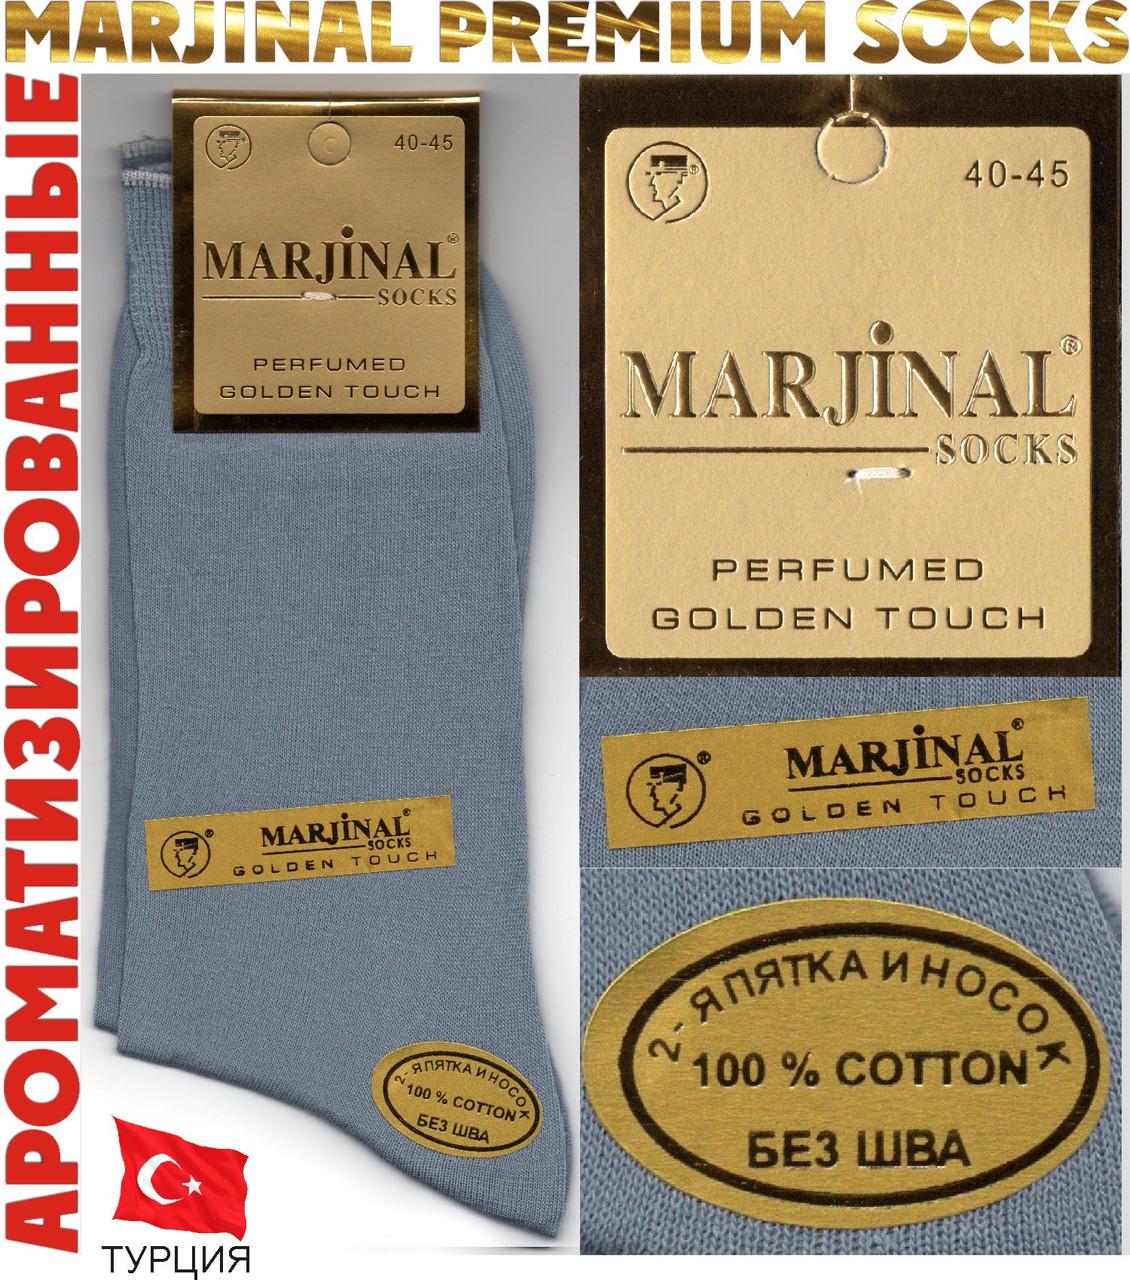 Ароматизированные мужские носки 2-я пятка и носок MARJINAL 100% ХЛОПОК  40-45р   серые НМП-2365